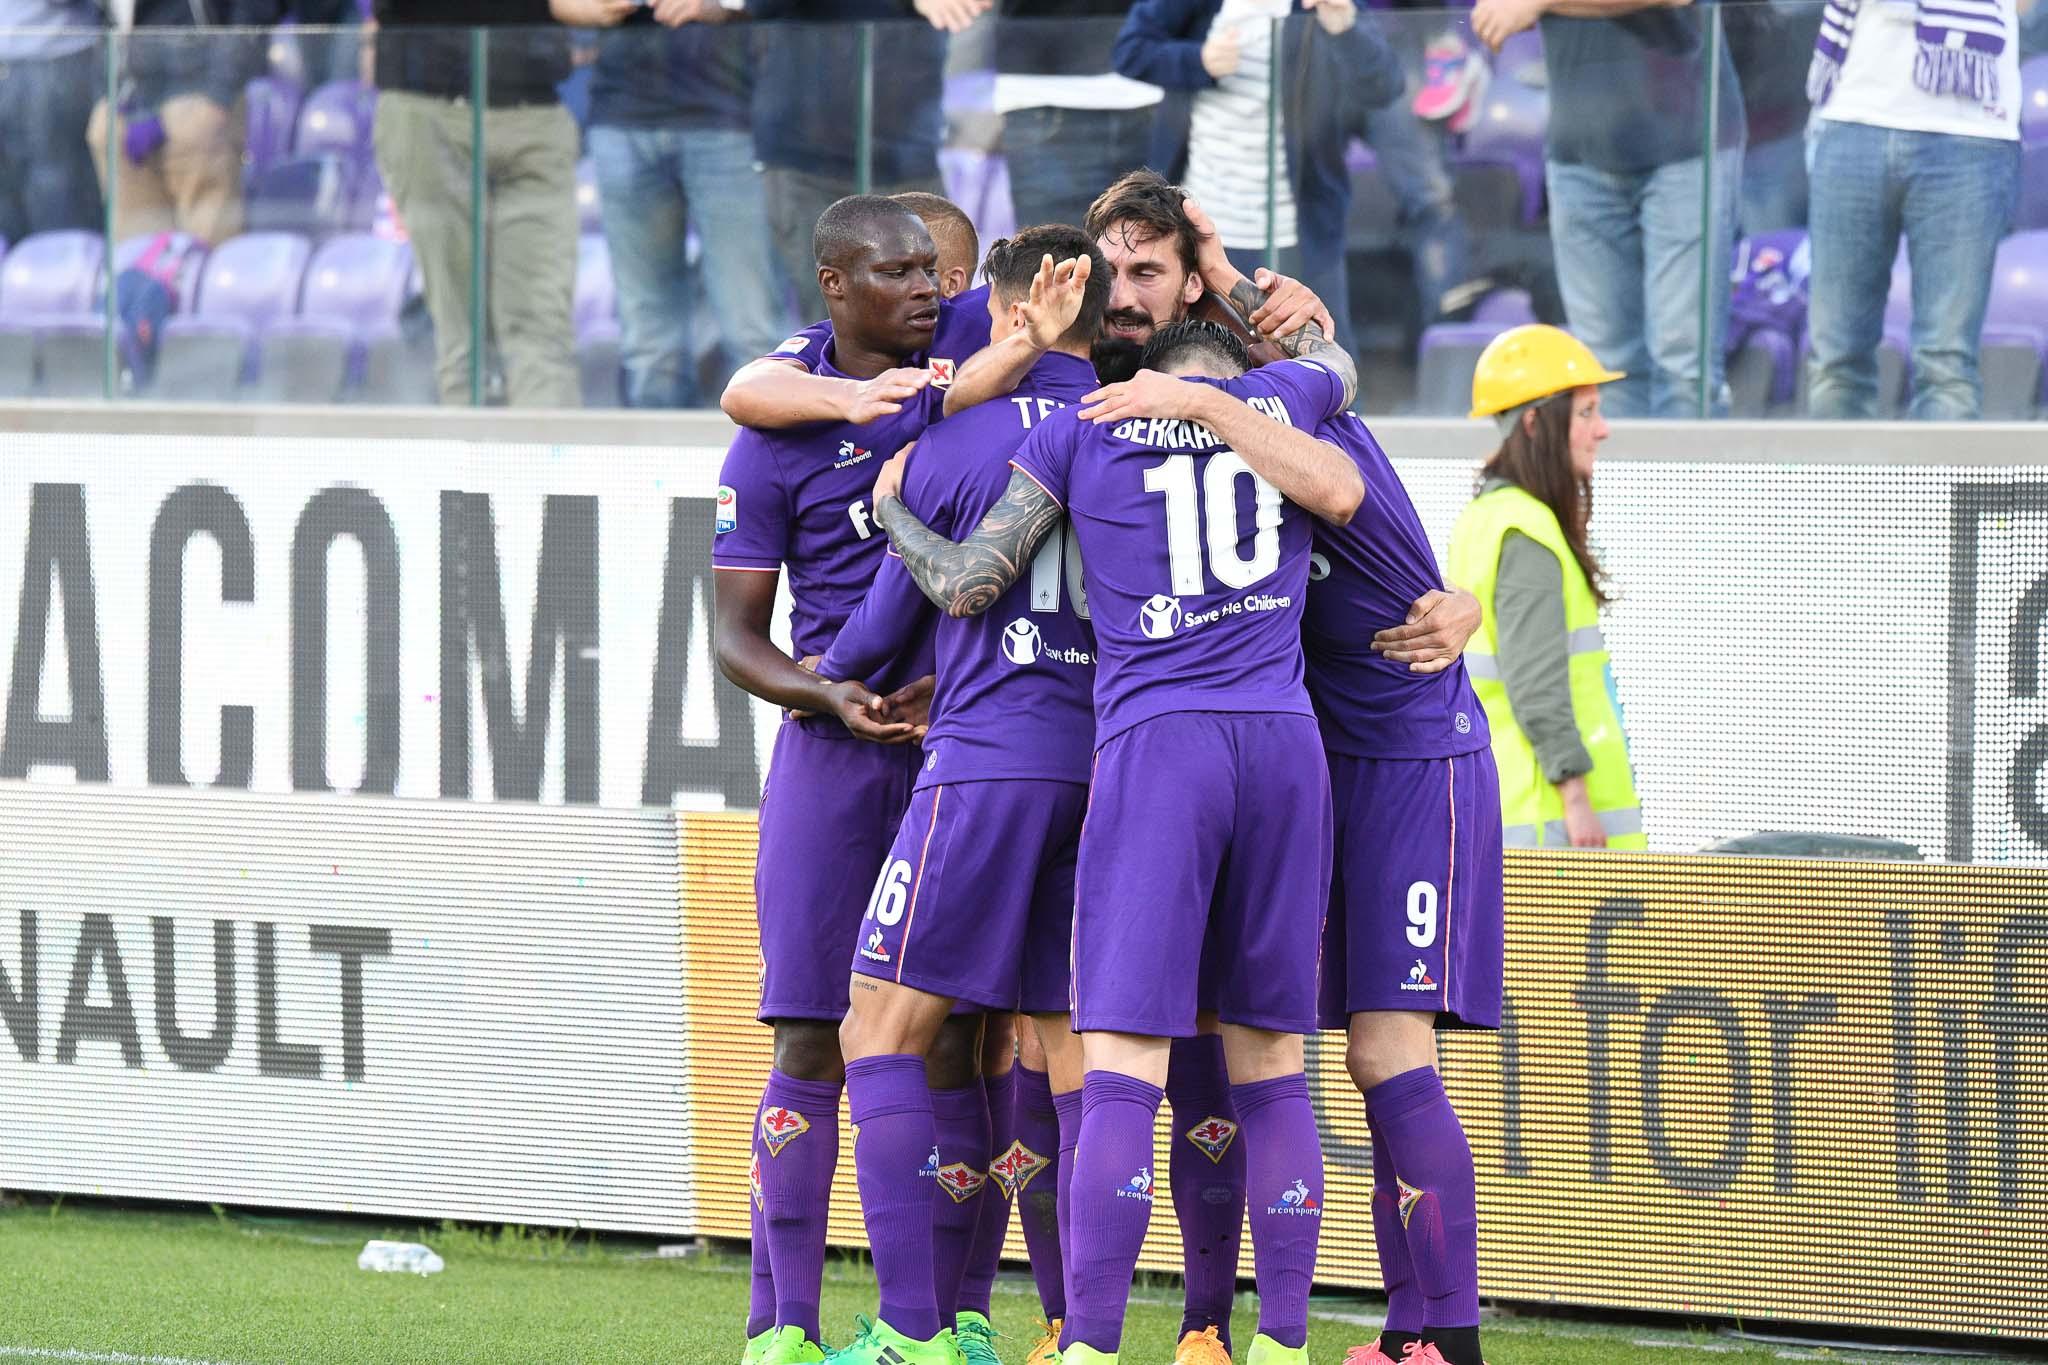 """Benedetto Ferrara: """"La Fiorentina ormai è come un supermarket, se paghi prendi chi vuoi"""""""